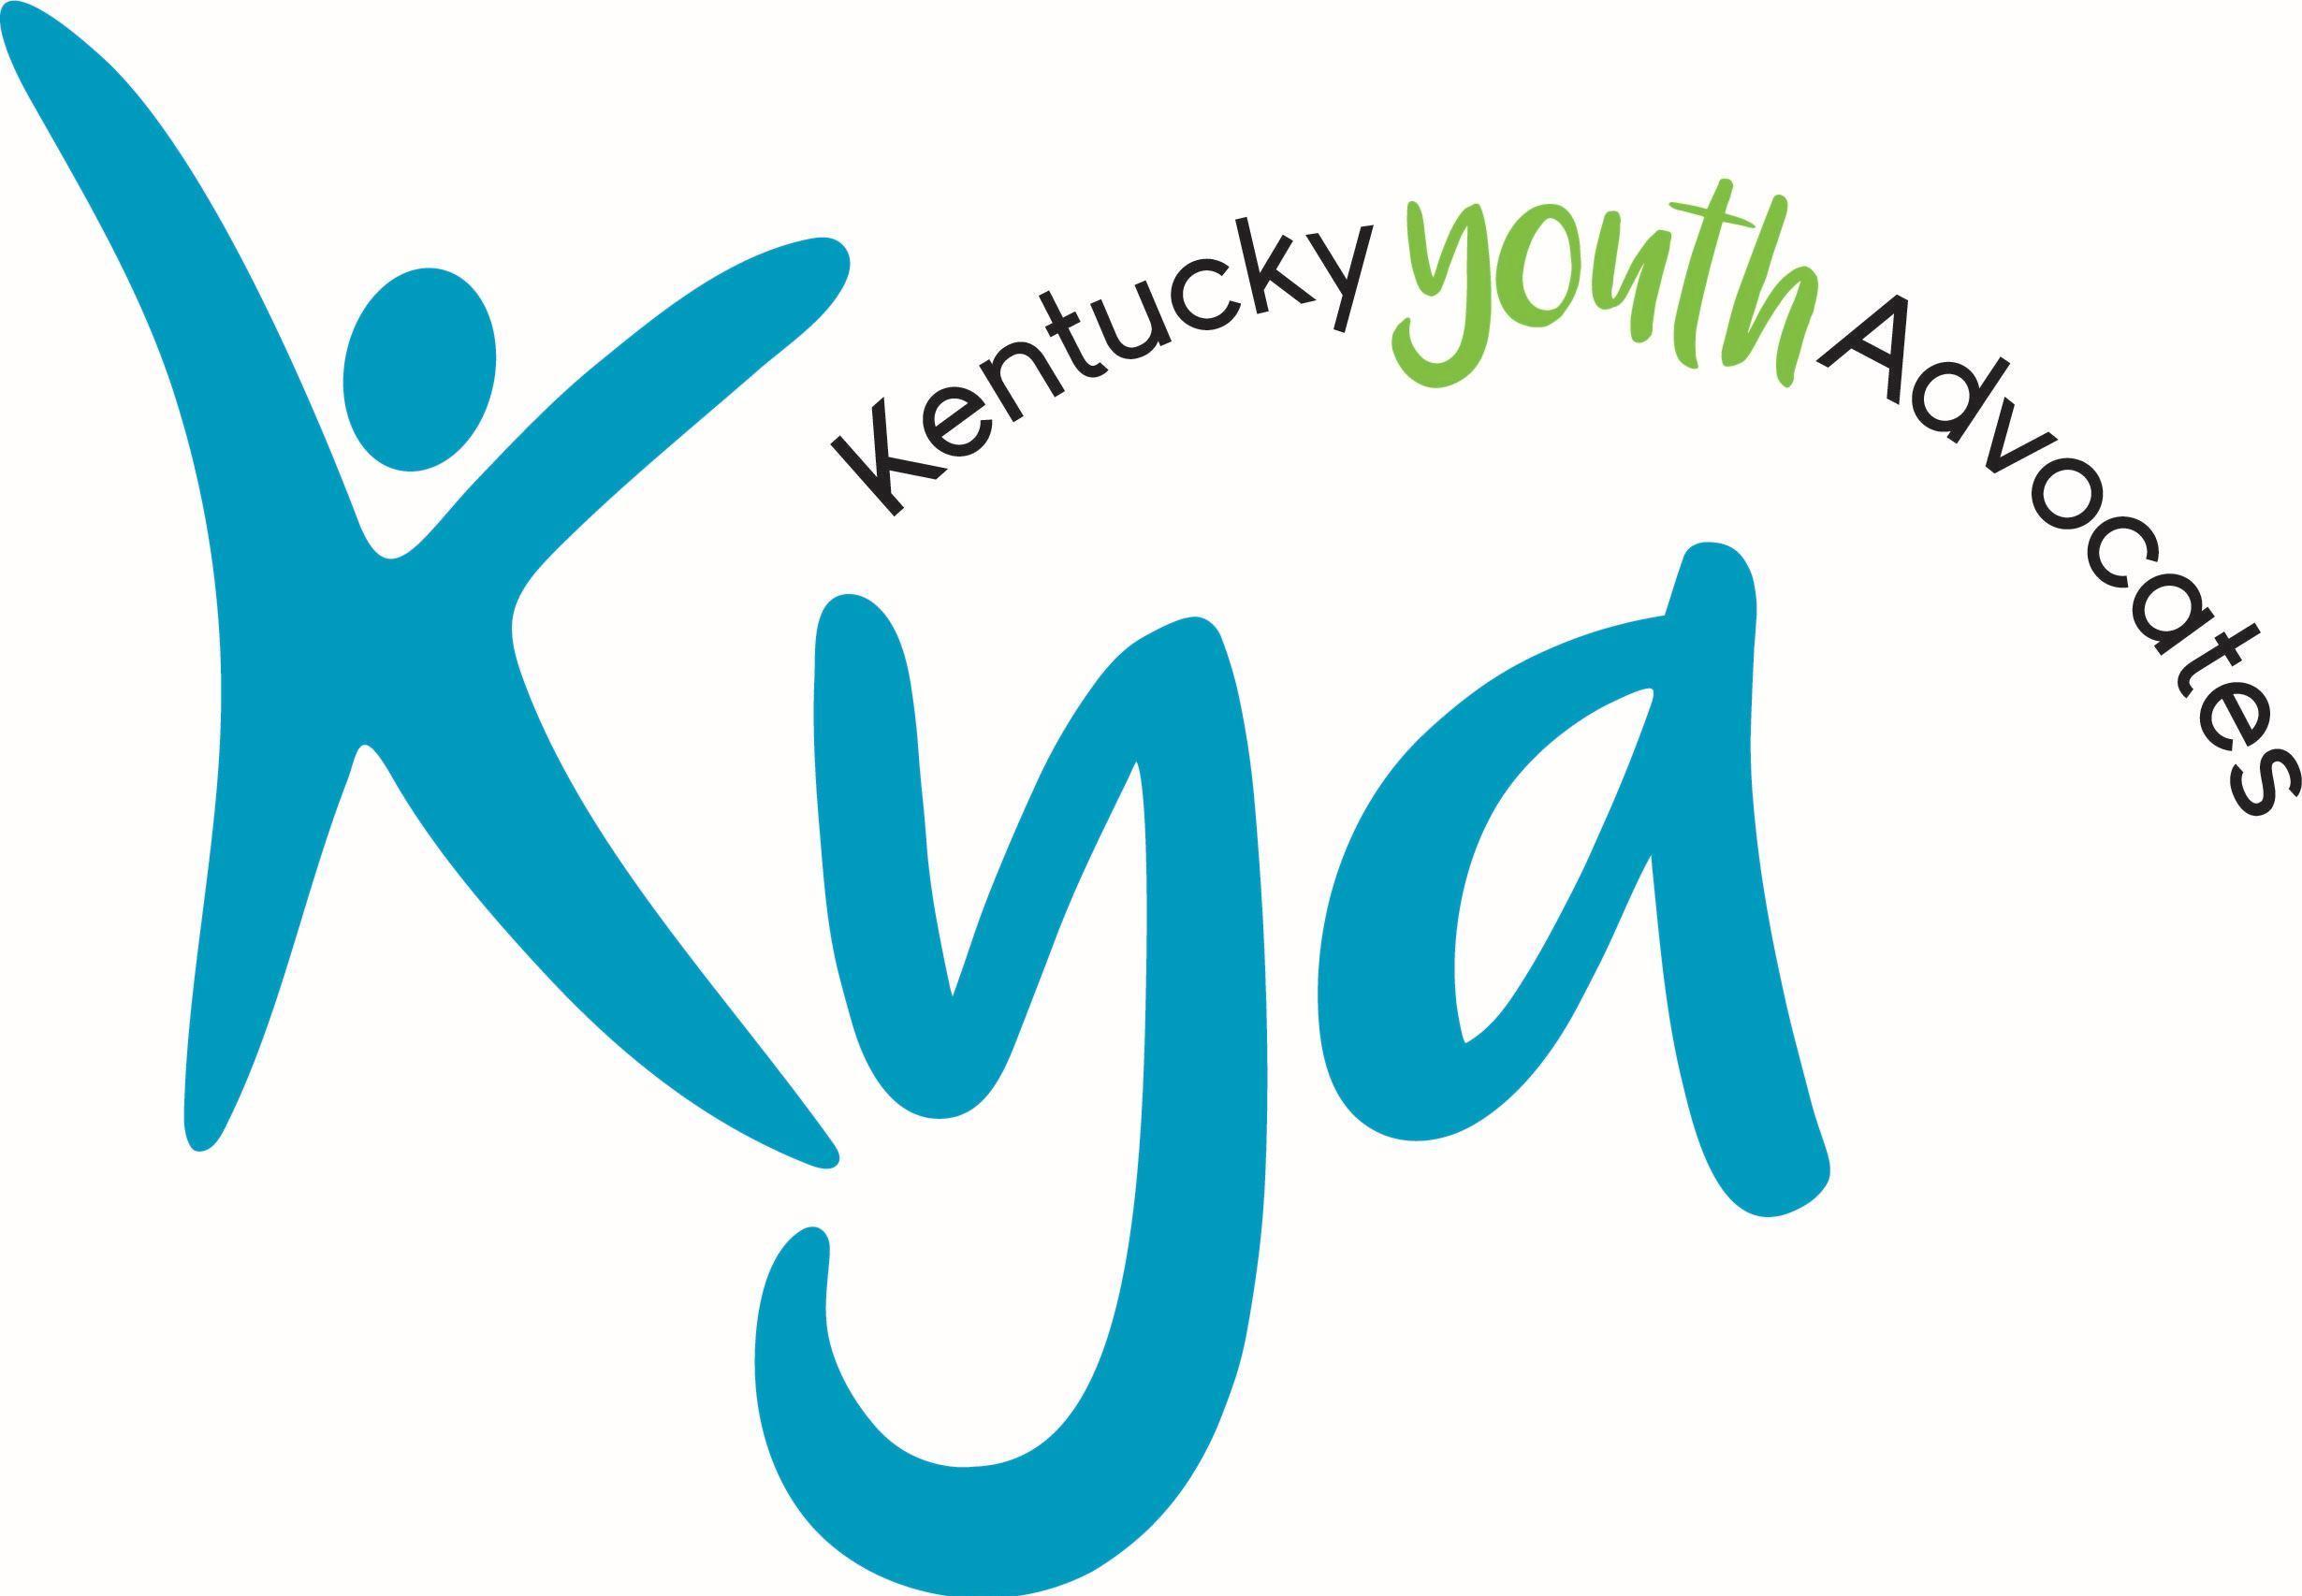 Kentucky Youth Advocates logo